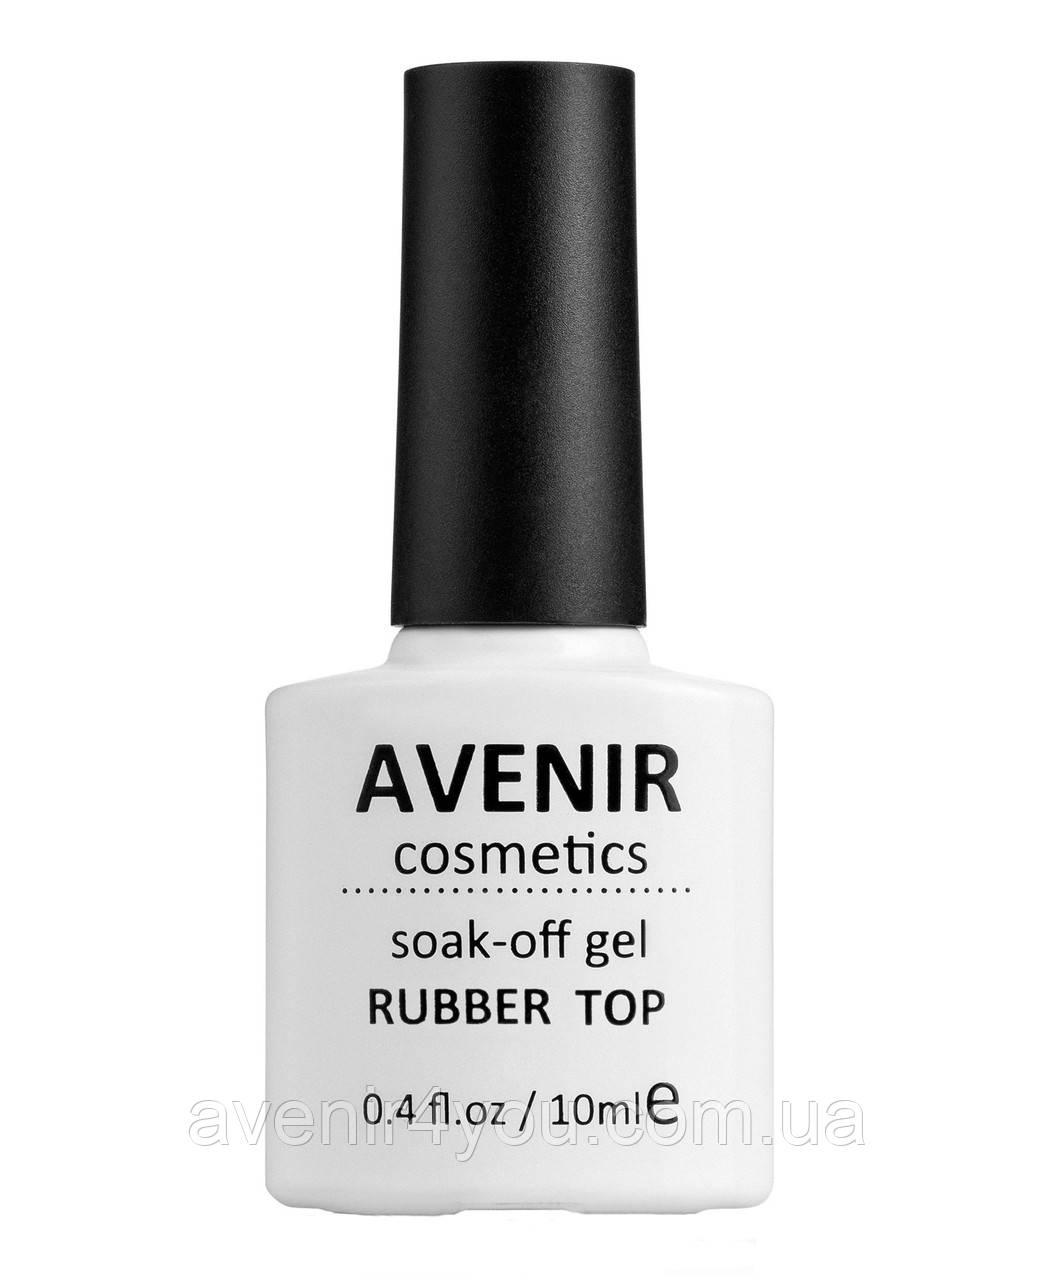 Каучуковое топовое покрытие (Rubber Top) Avenir Cosmetics